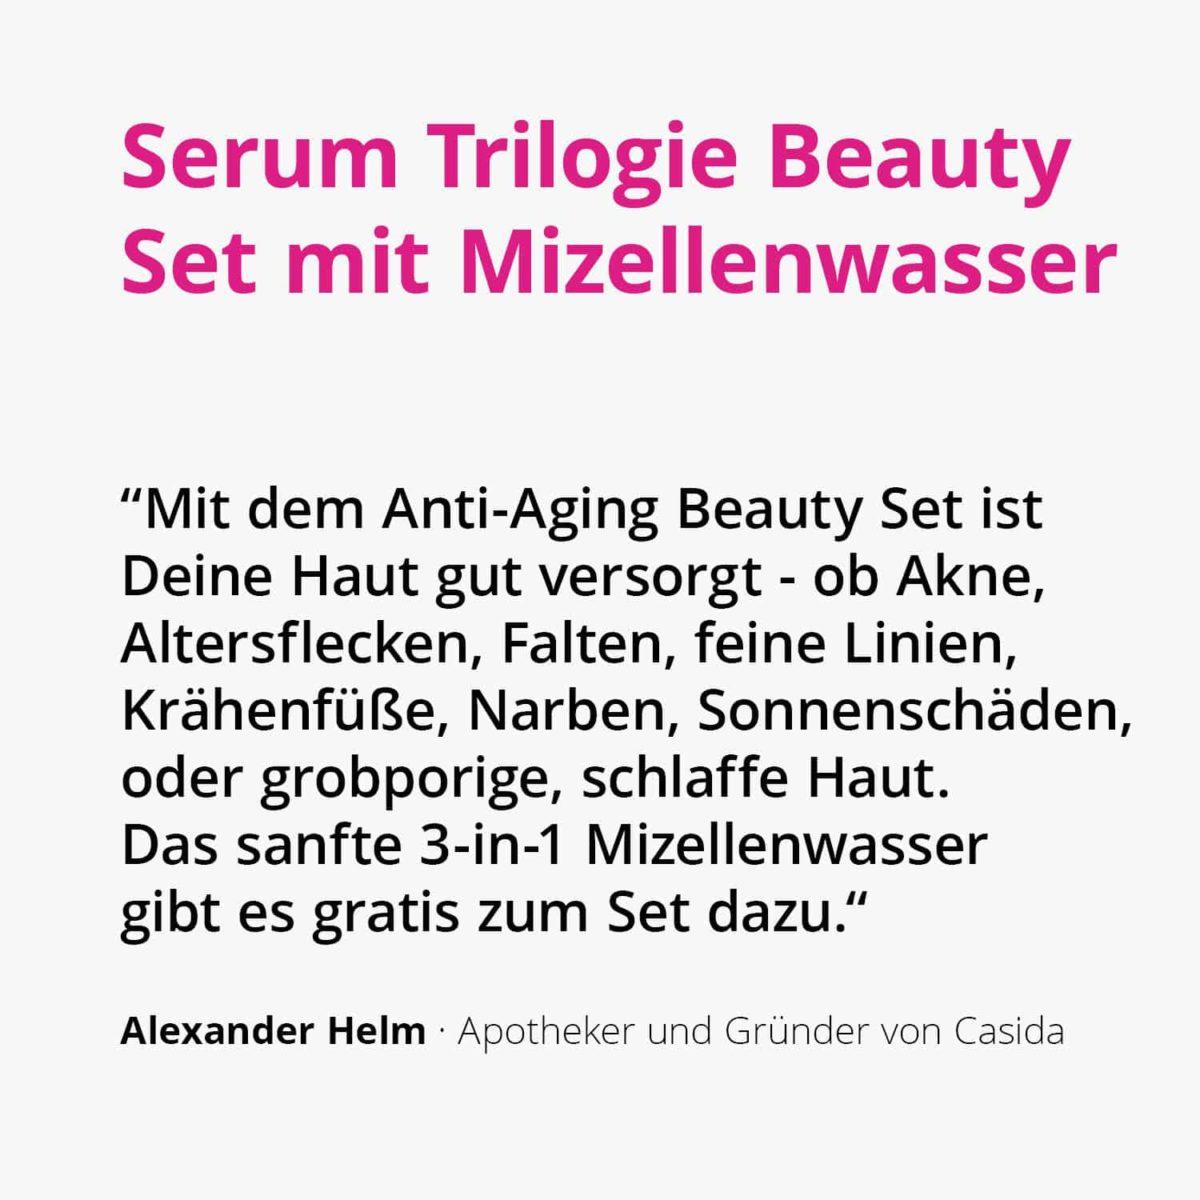 Serum Trilogie – Beauty Set mit Retinolserum Hyaluronserum Vitamin C Serum und Gratis Mizellenwasser Anti-Aging2